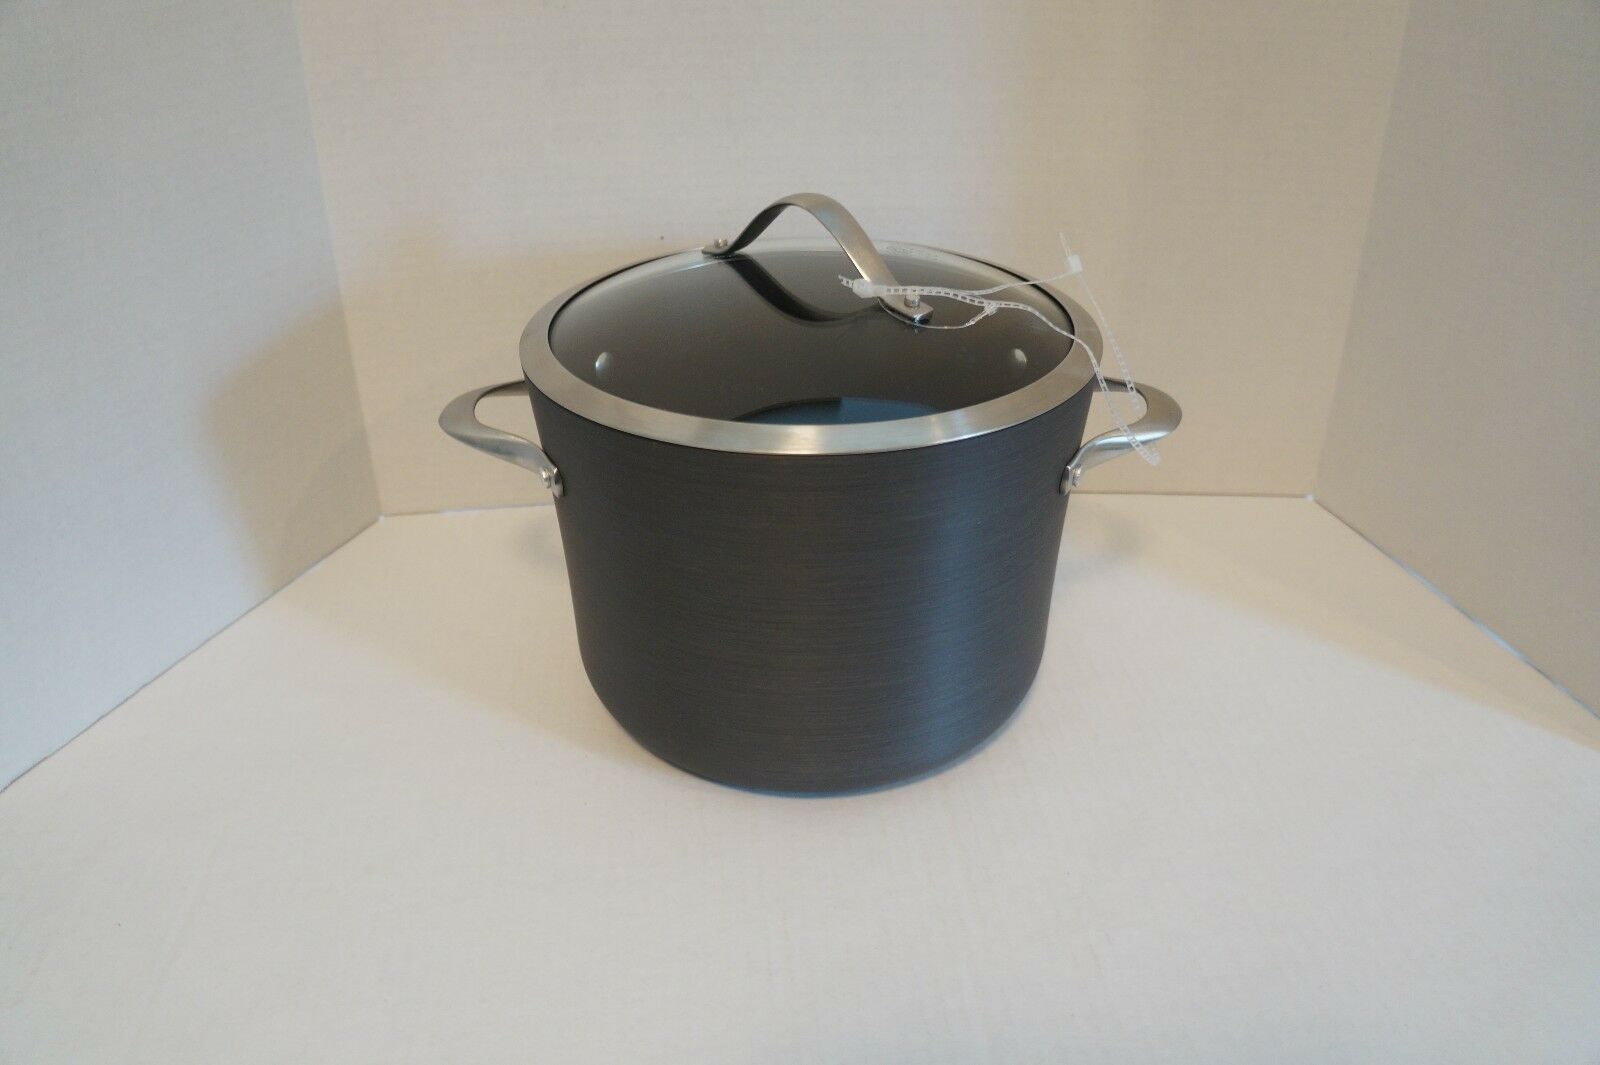 Calphalon 8 qt Olla contemporáneo Antiadherente Utensilios de cocina de aluminio anodizado duro